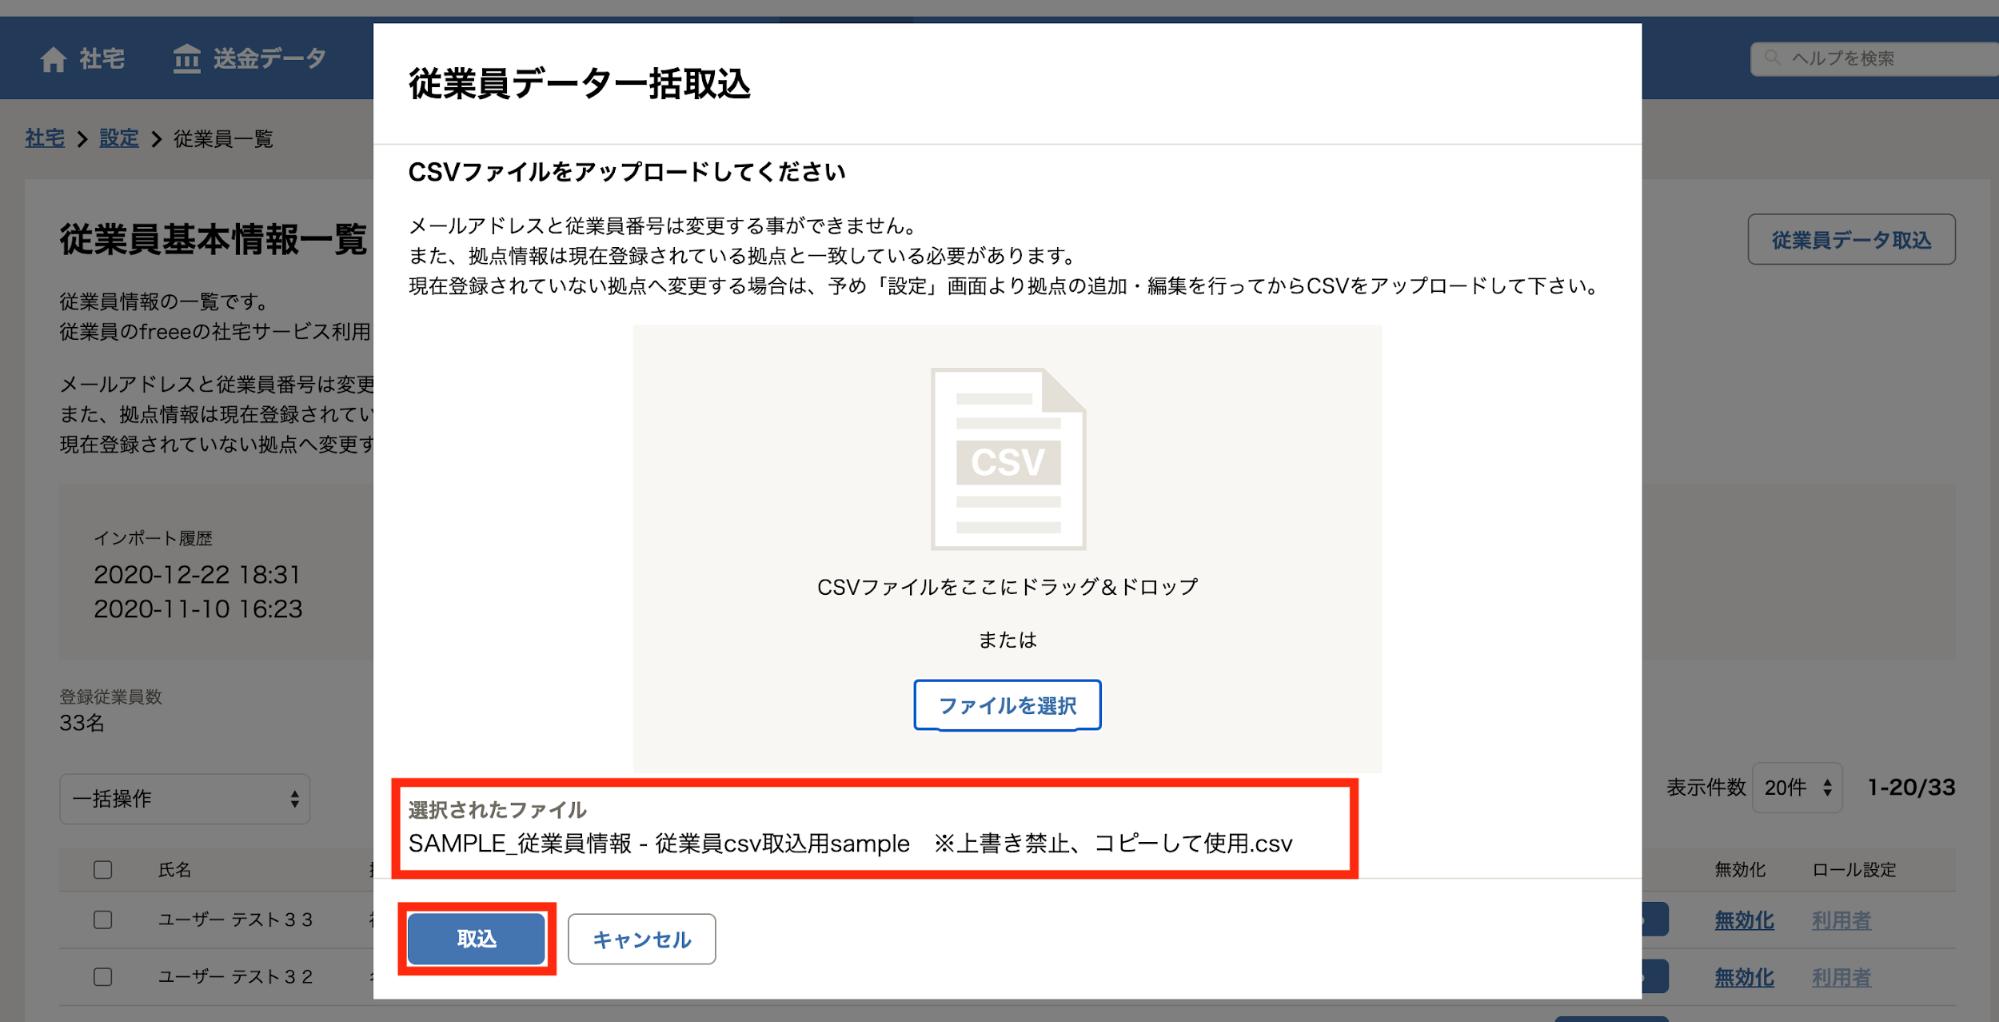 従業員データ一括振込画面の「選択されたファイル」箇所と[取込]ボタンを指し示しているスクリーンショット